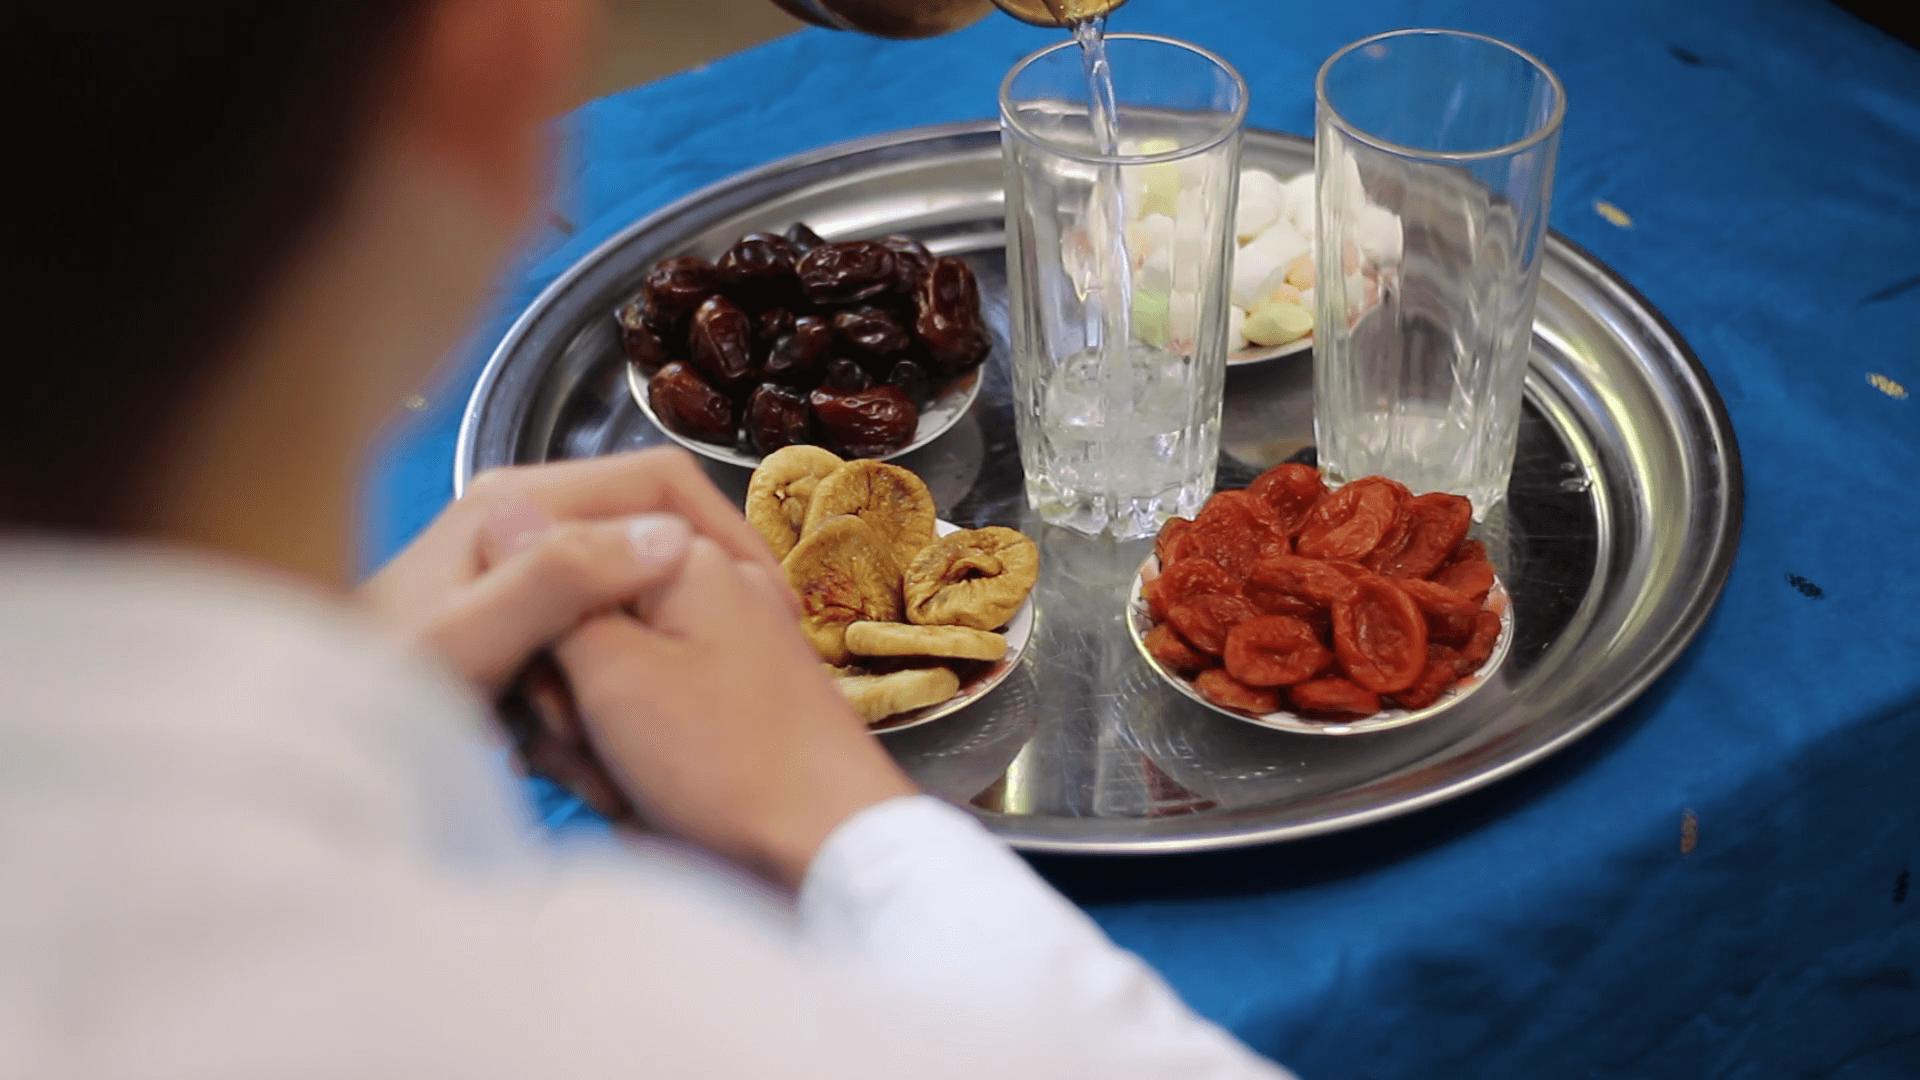 كفارات الإفطار في رمضان بينها السفر والمرض والجماع الرجل